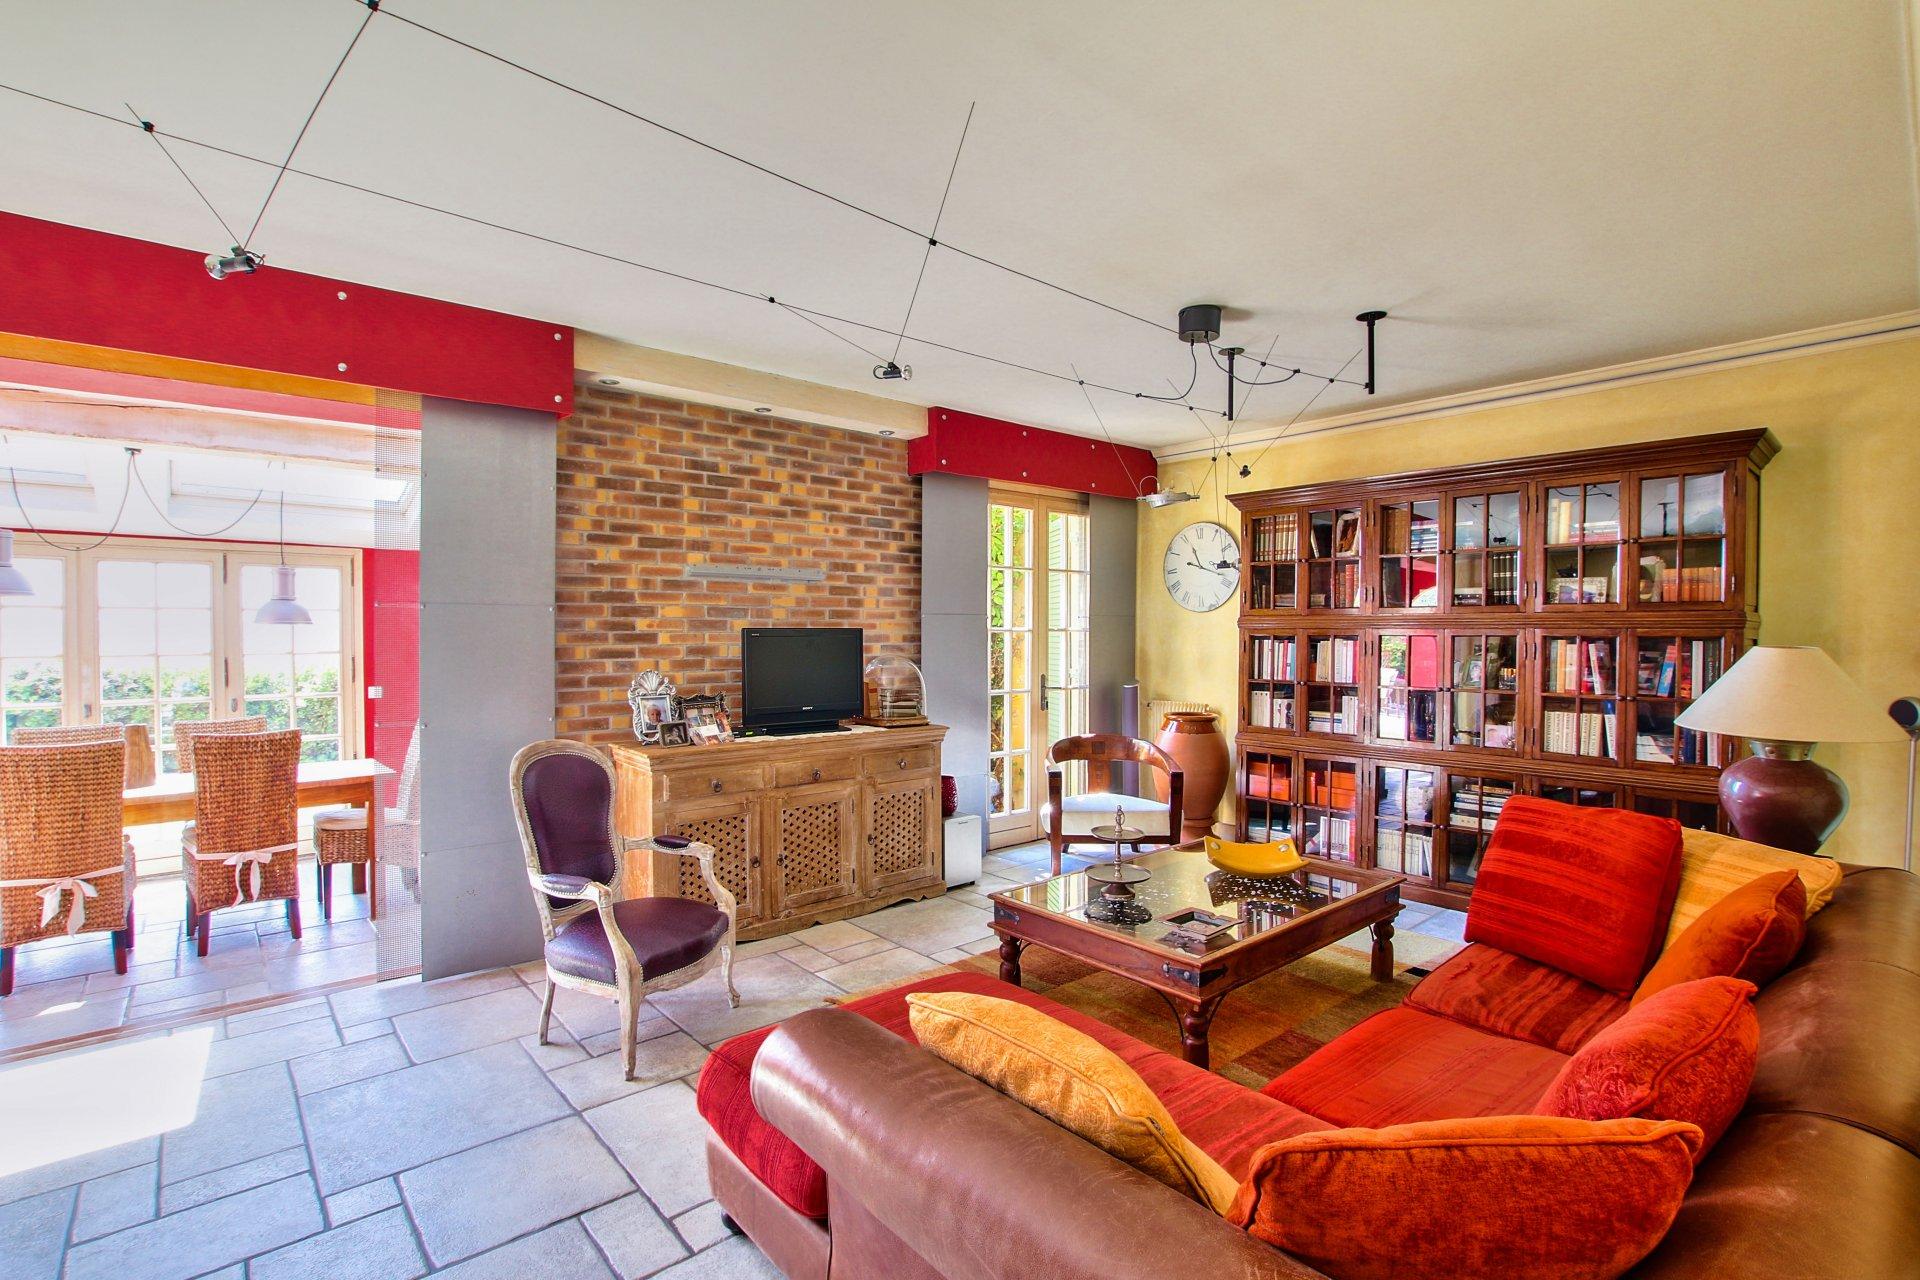 maison disponible à la vente à Saint-Laurent-du-Var